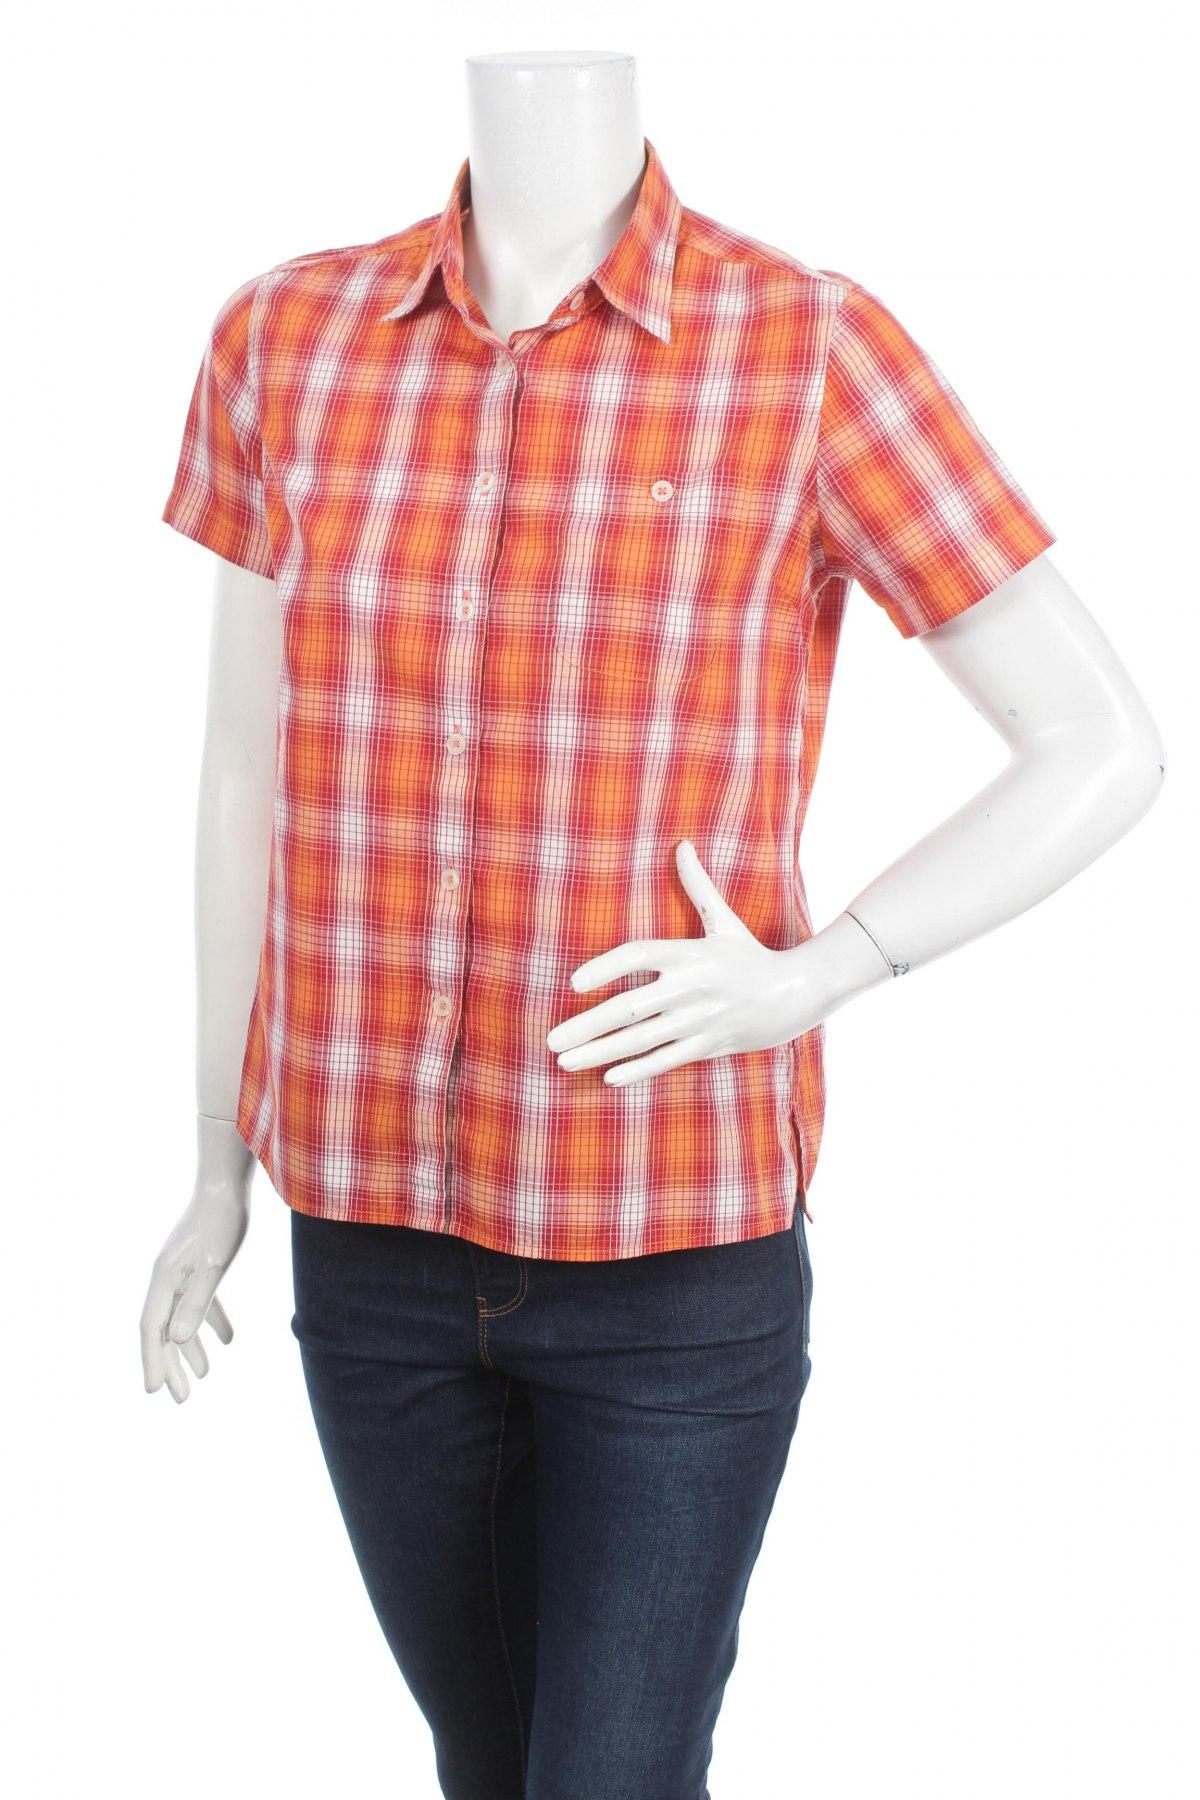 Γυναικείο πουκάμισο Cheriano